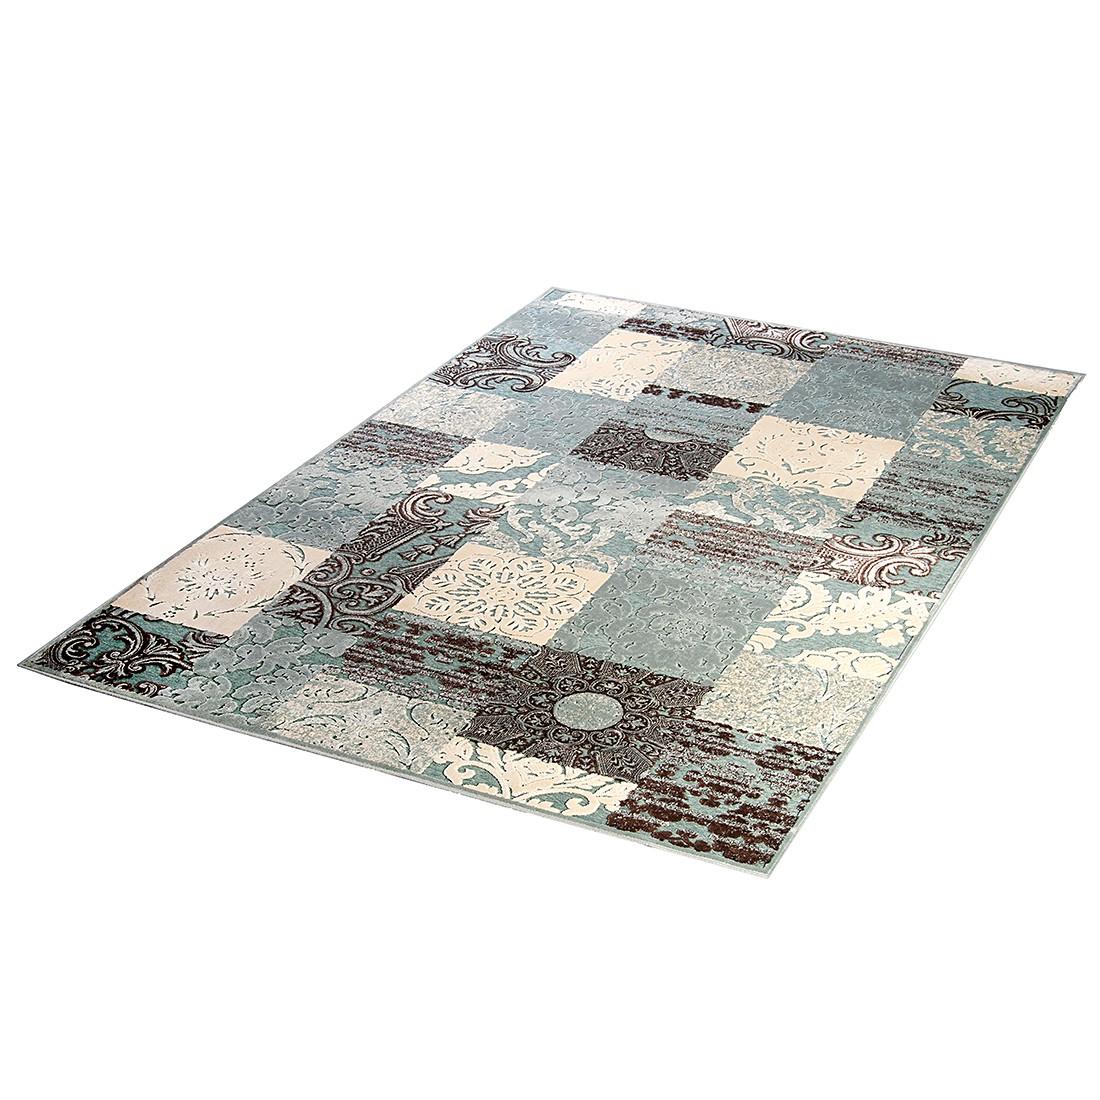 Teppich Nostalgie – Meeresgrün – 160 x 230 cm, DEKOWE günstig online kaufen